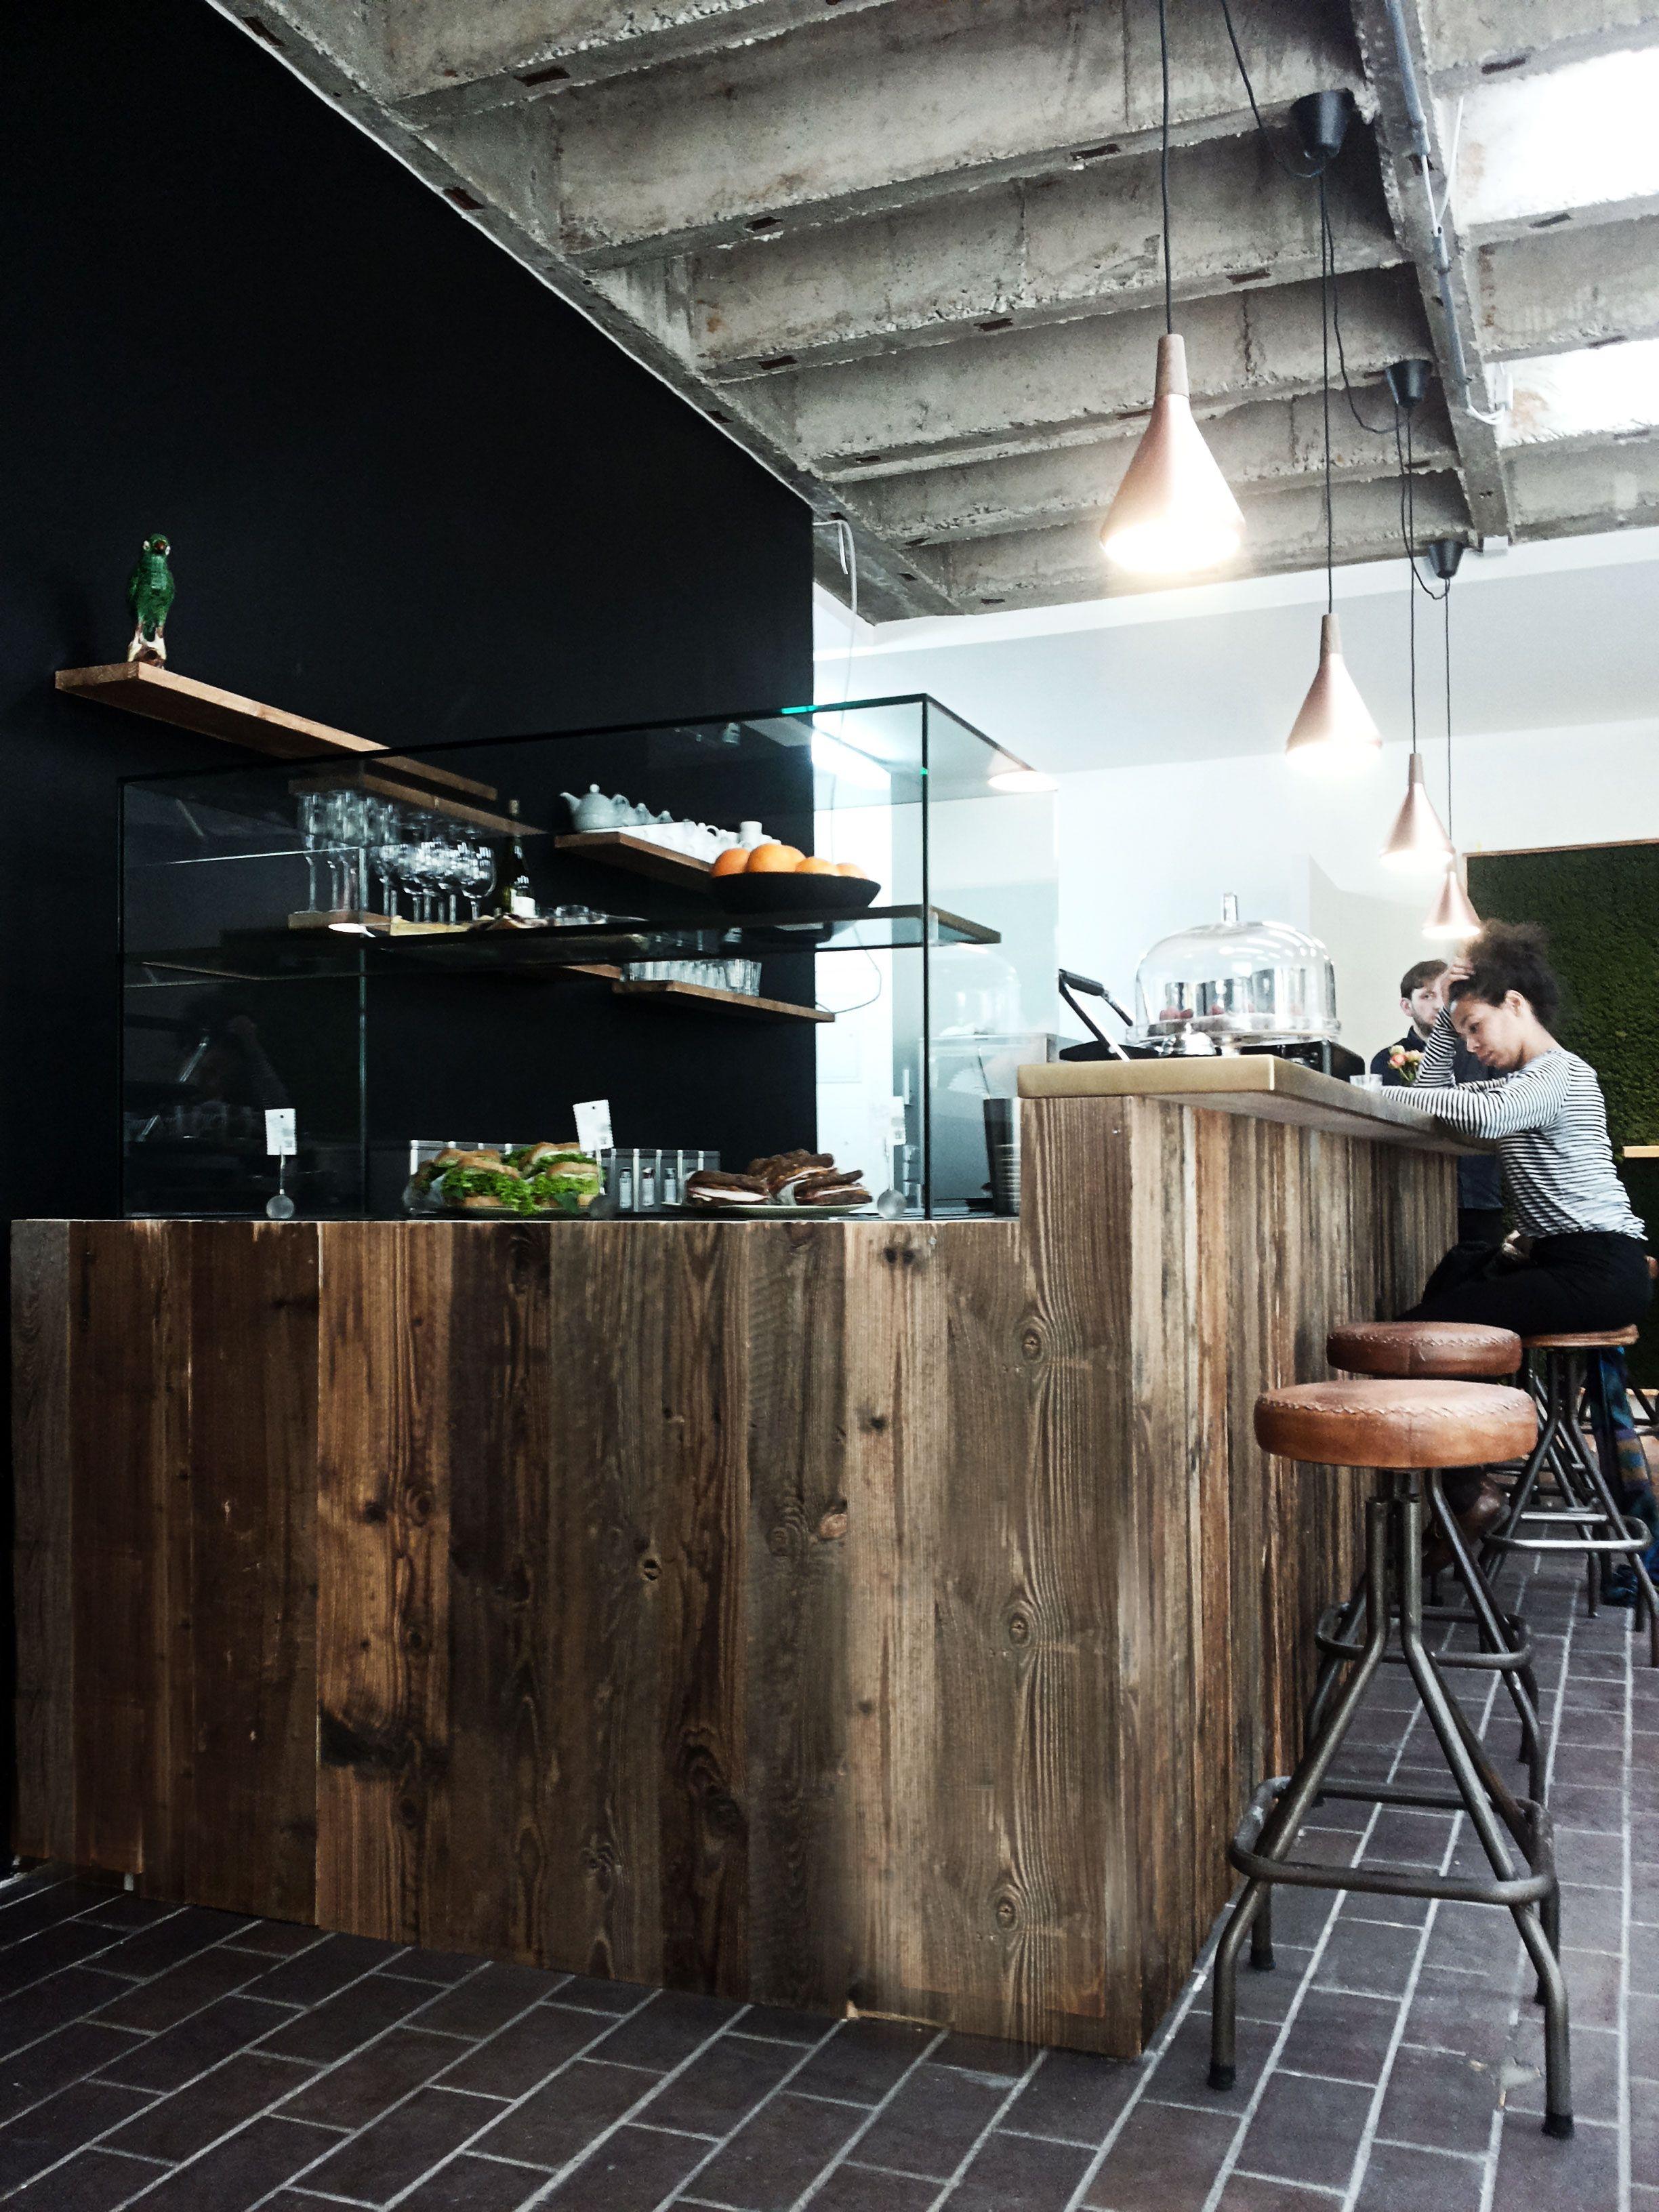 caf st agnes in berlin kreuzberg tresen aus altholz und messing cafe agnes berlin in 2018. Black Bedroom Furniture Sets. Home Design Ideas